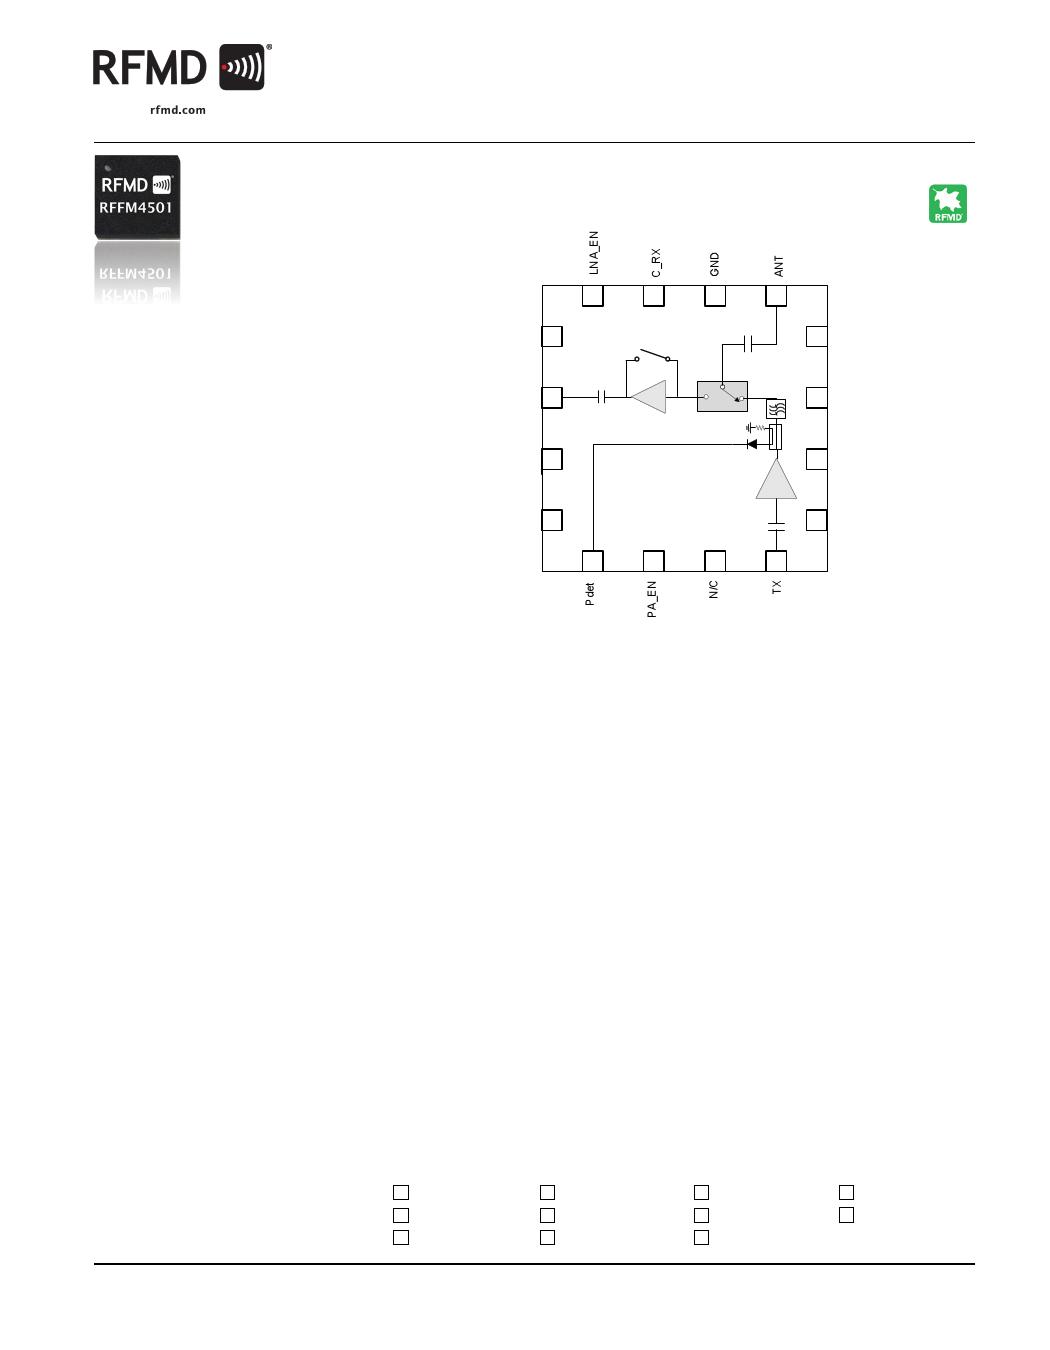 802 11ac block diagram